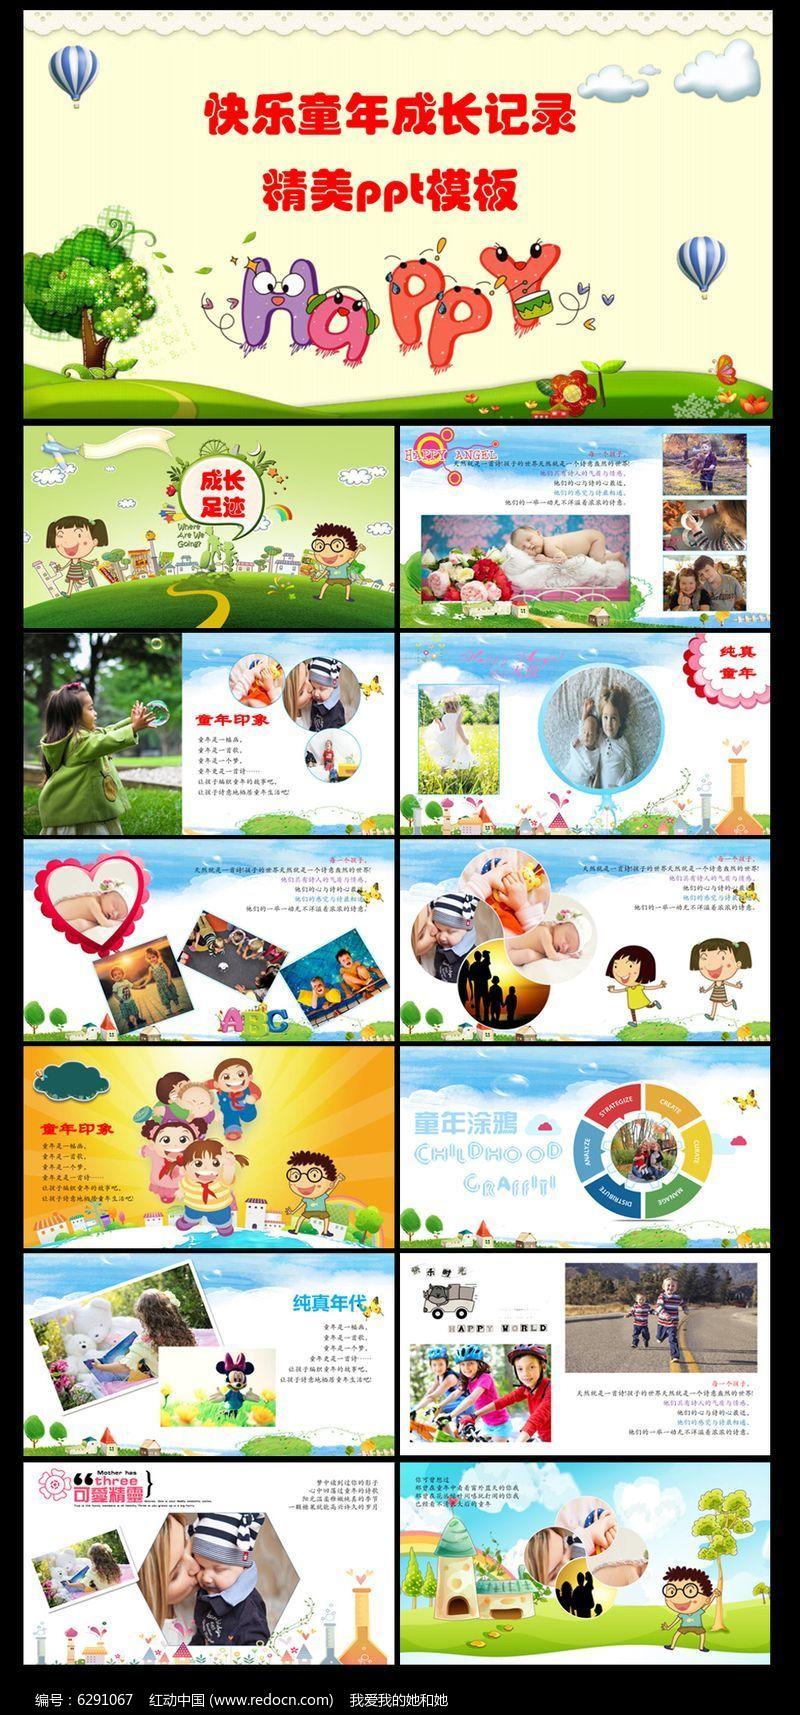 快乐童年儿童成长记录ppt模板